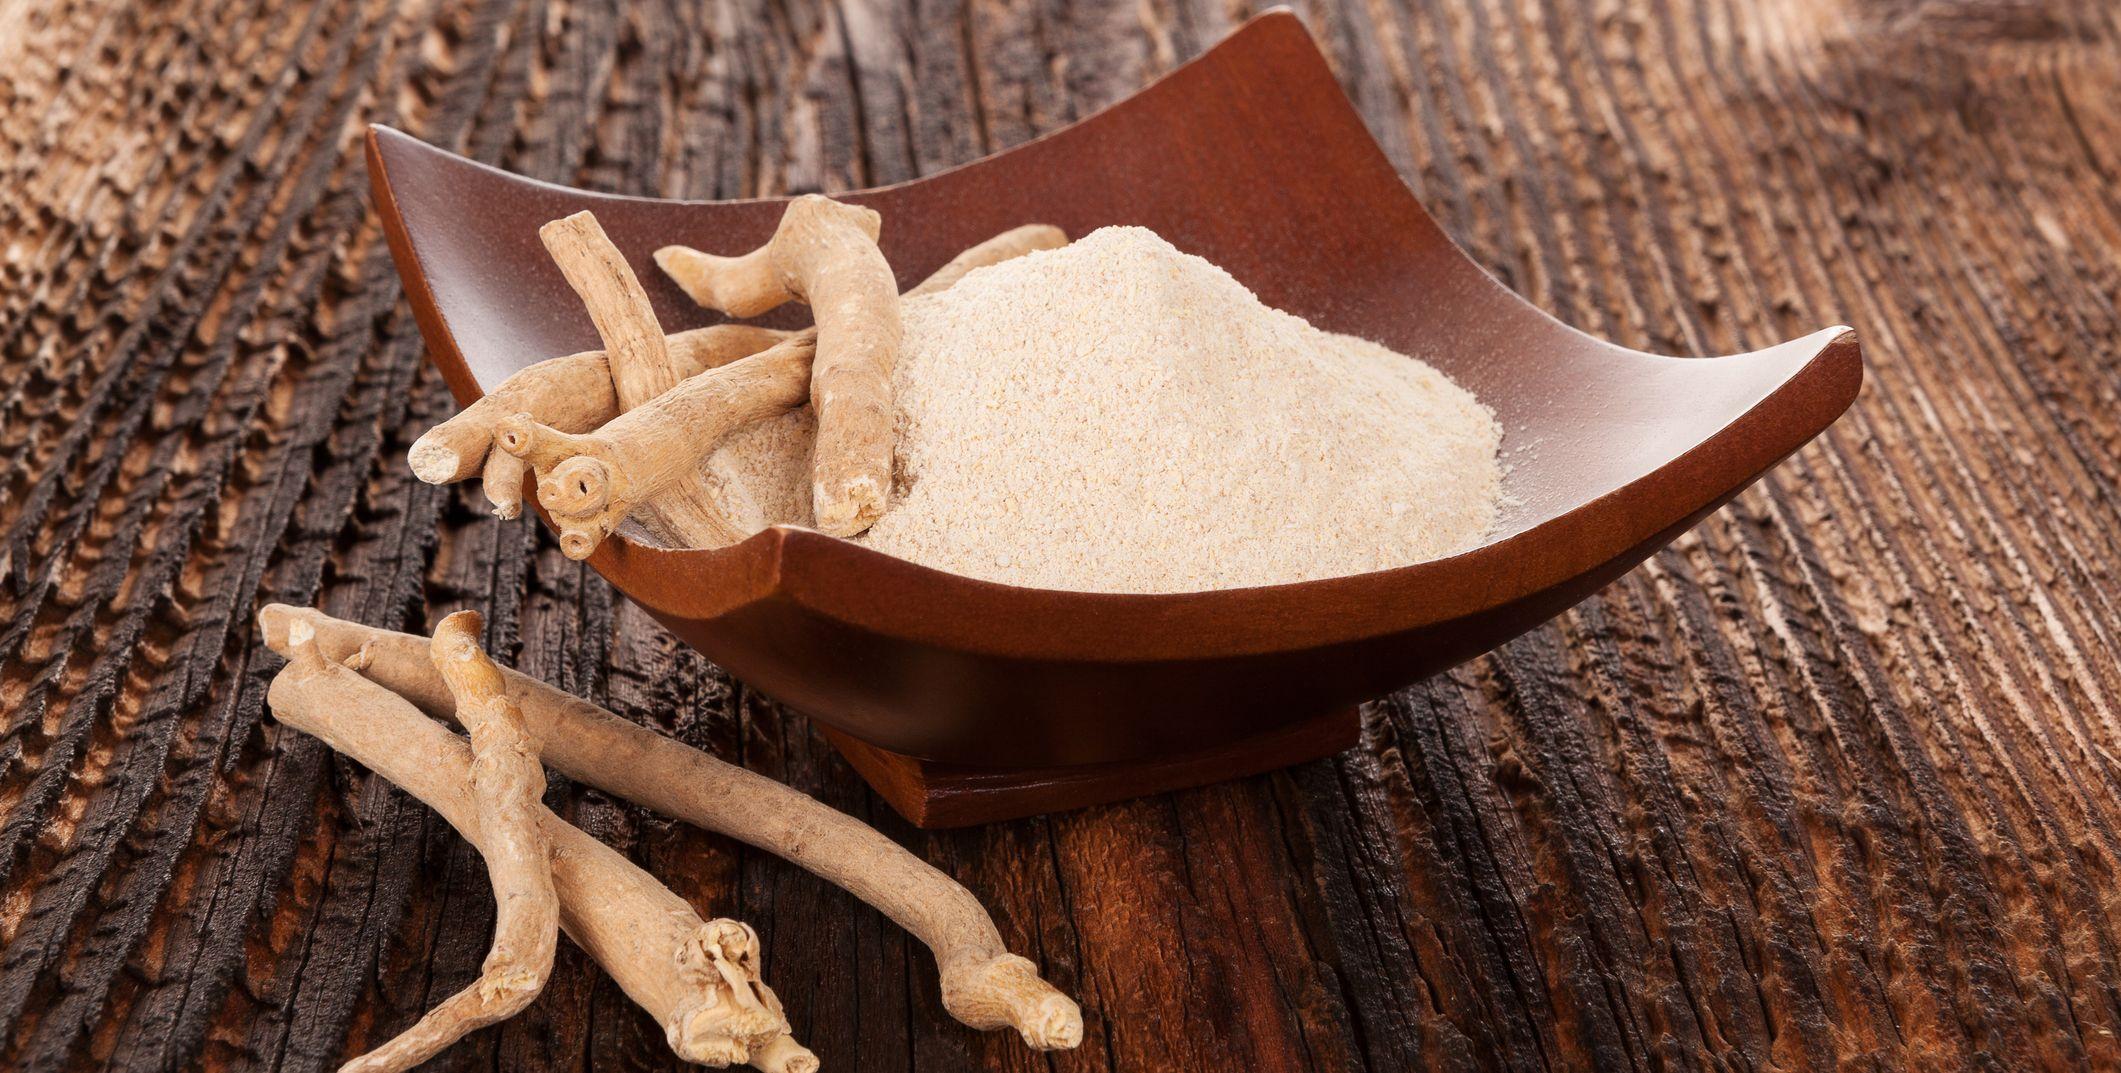 ashwagandha root and powder